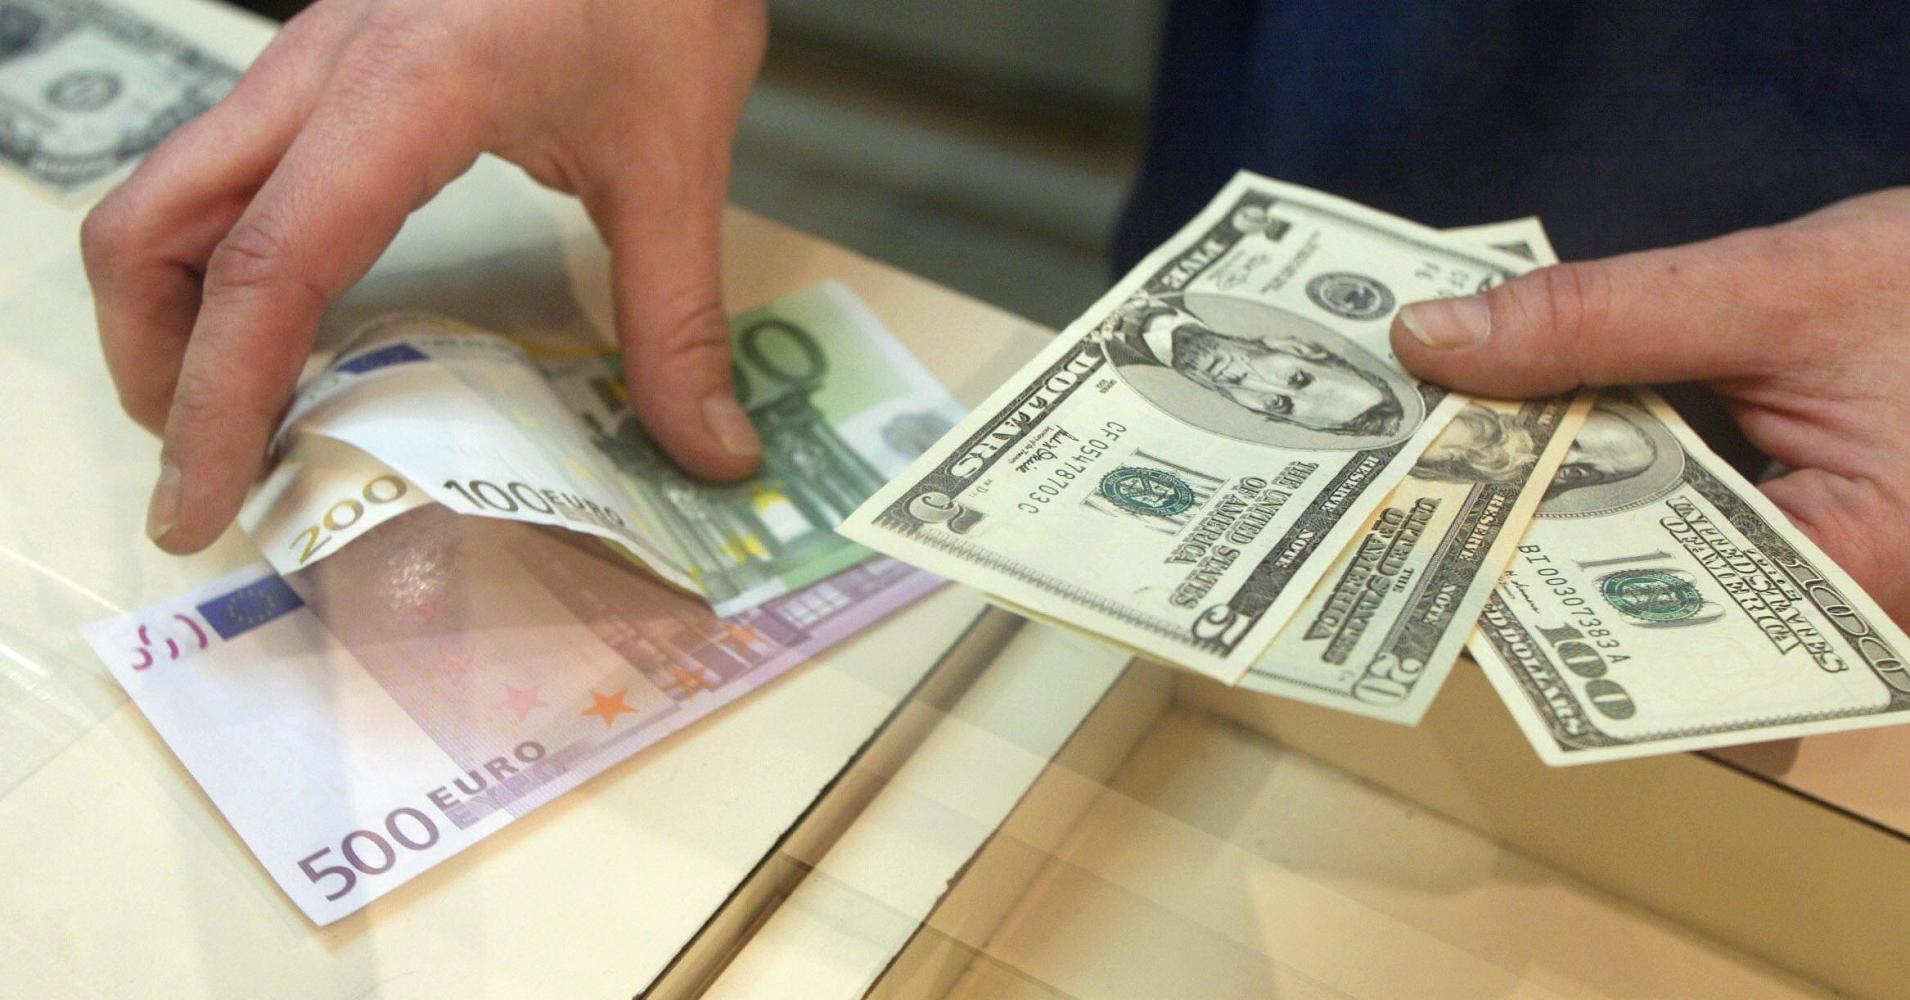 قیمت دلار شنبه ۲۰ مهرماه ۹۸/ حبس دلار در میانه کانال ۱۱ هزار تومان